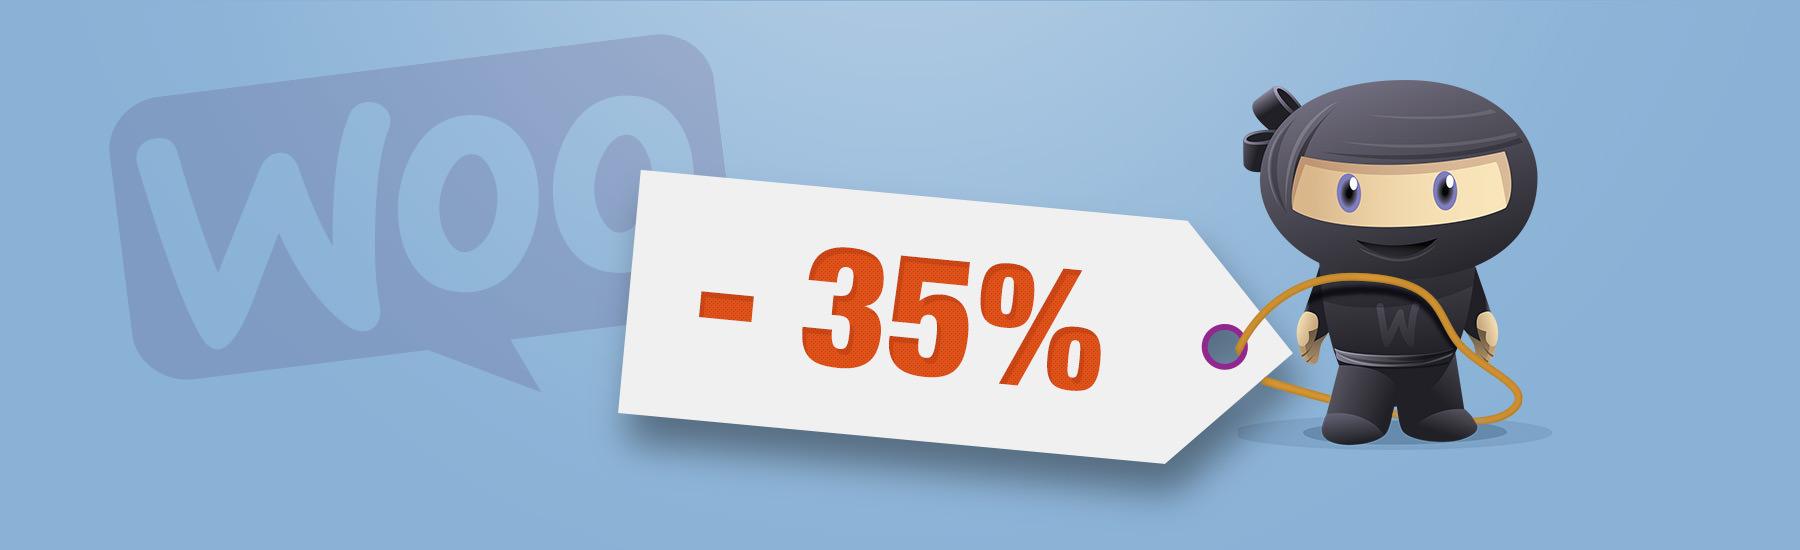 Afficher en pourcents les réductions d'un produit en promotion dans WooCommerce